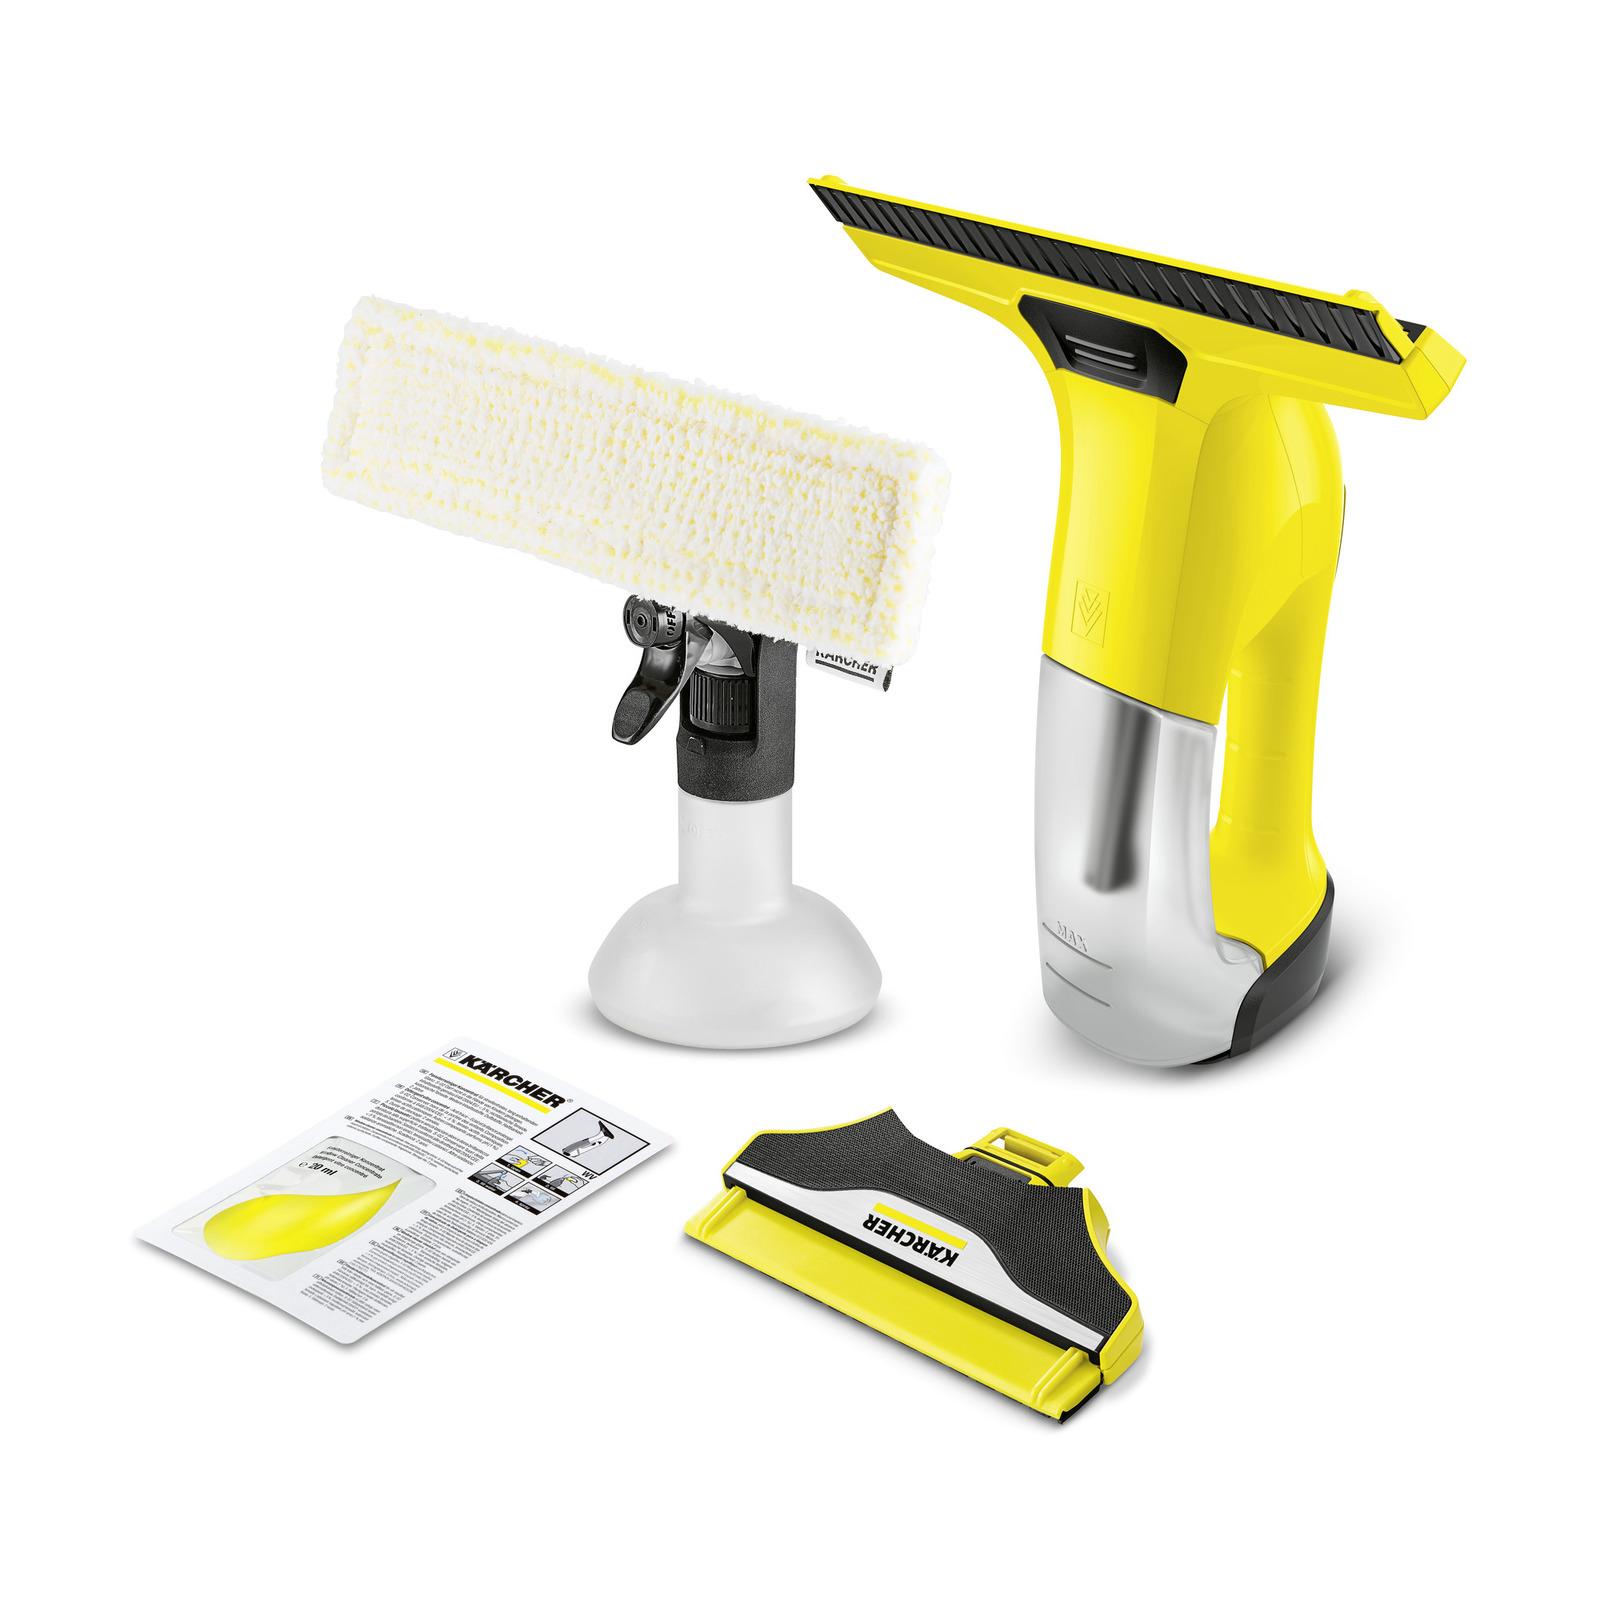 Karcher WV 6 Plus N Window Vacuum Cleaner 3 Year Guarantee £74.99 Karcher